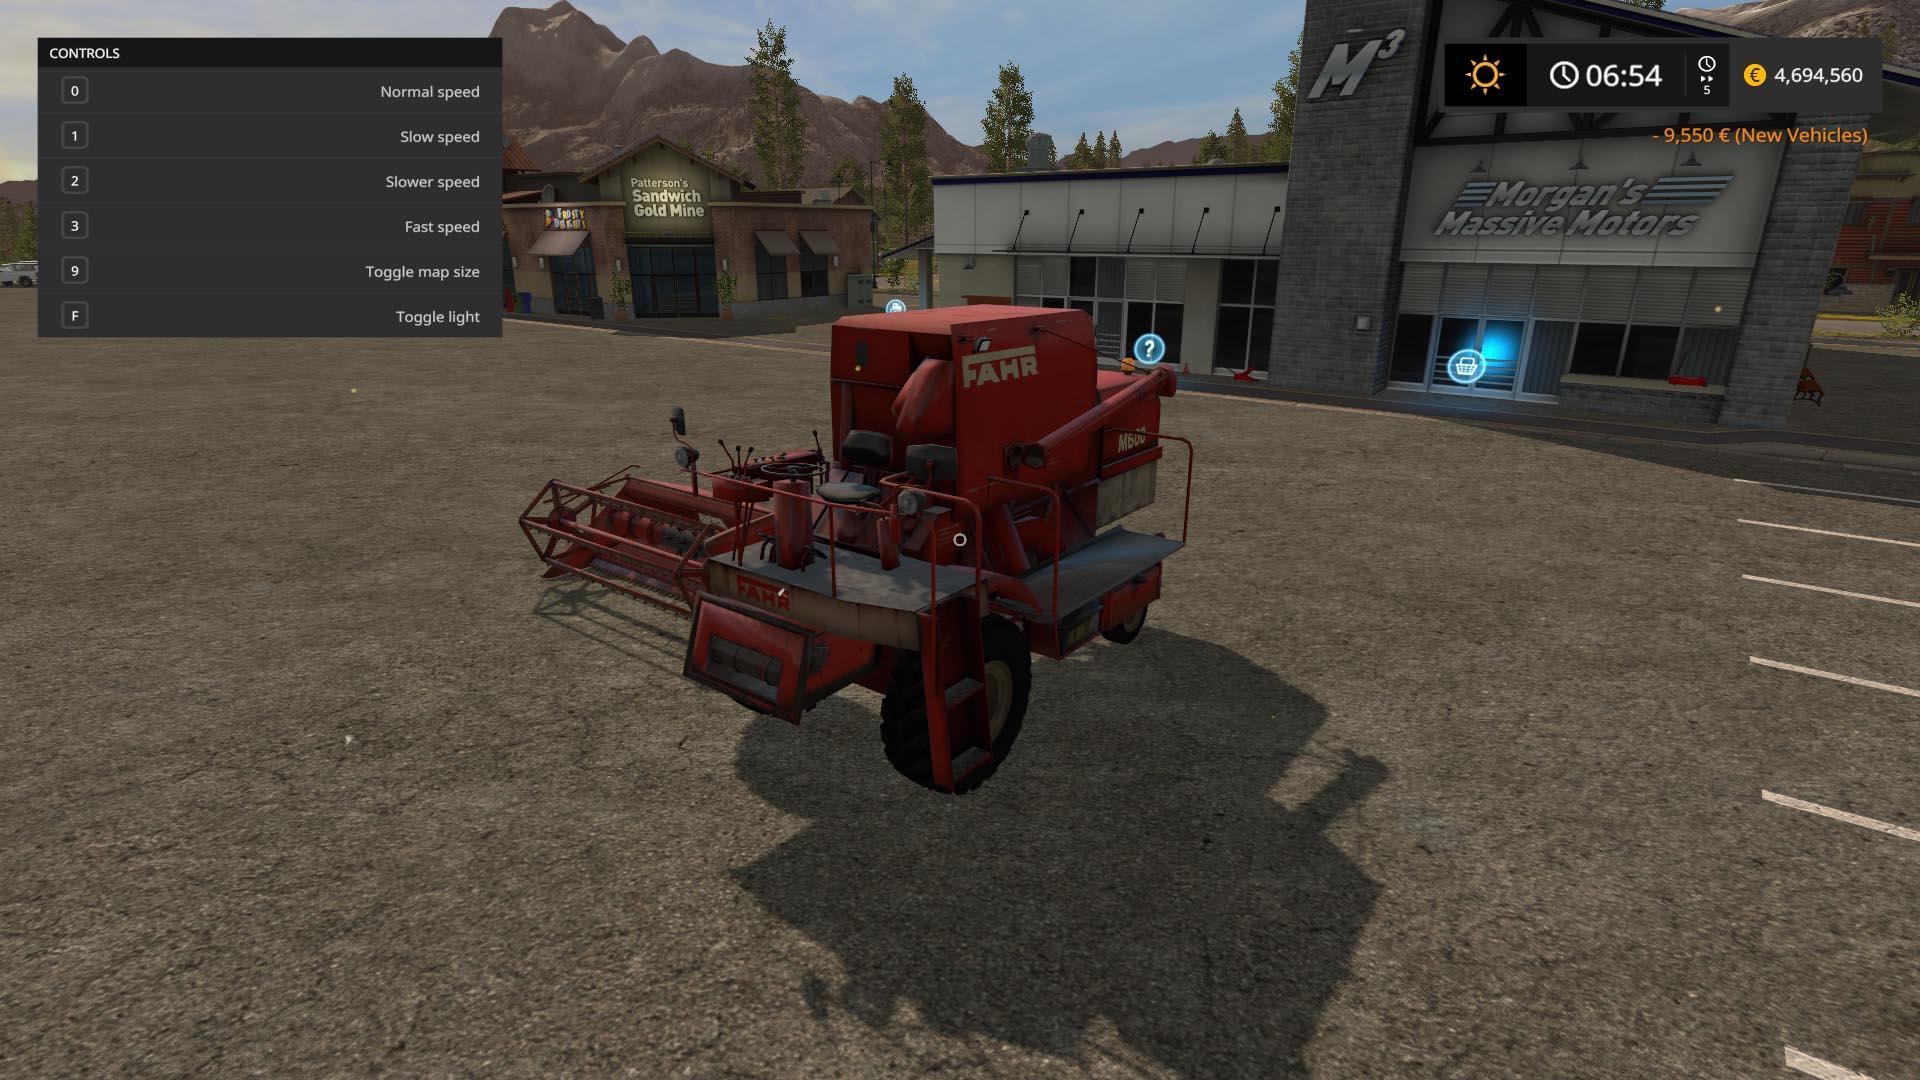 FAHR M600 combine